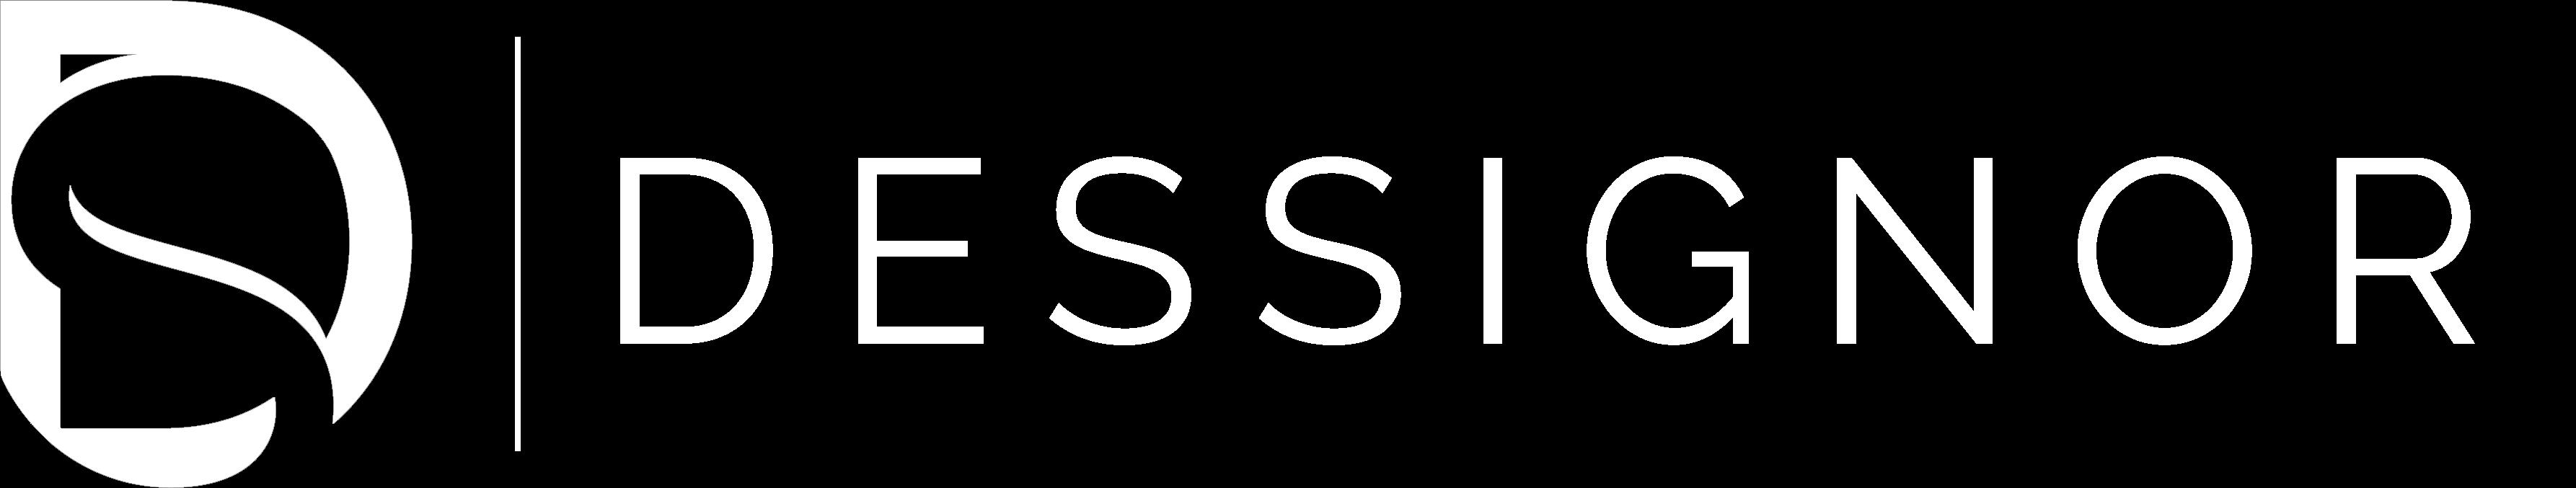 Dessignor Dessignor2017